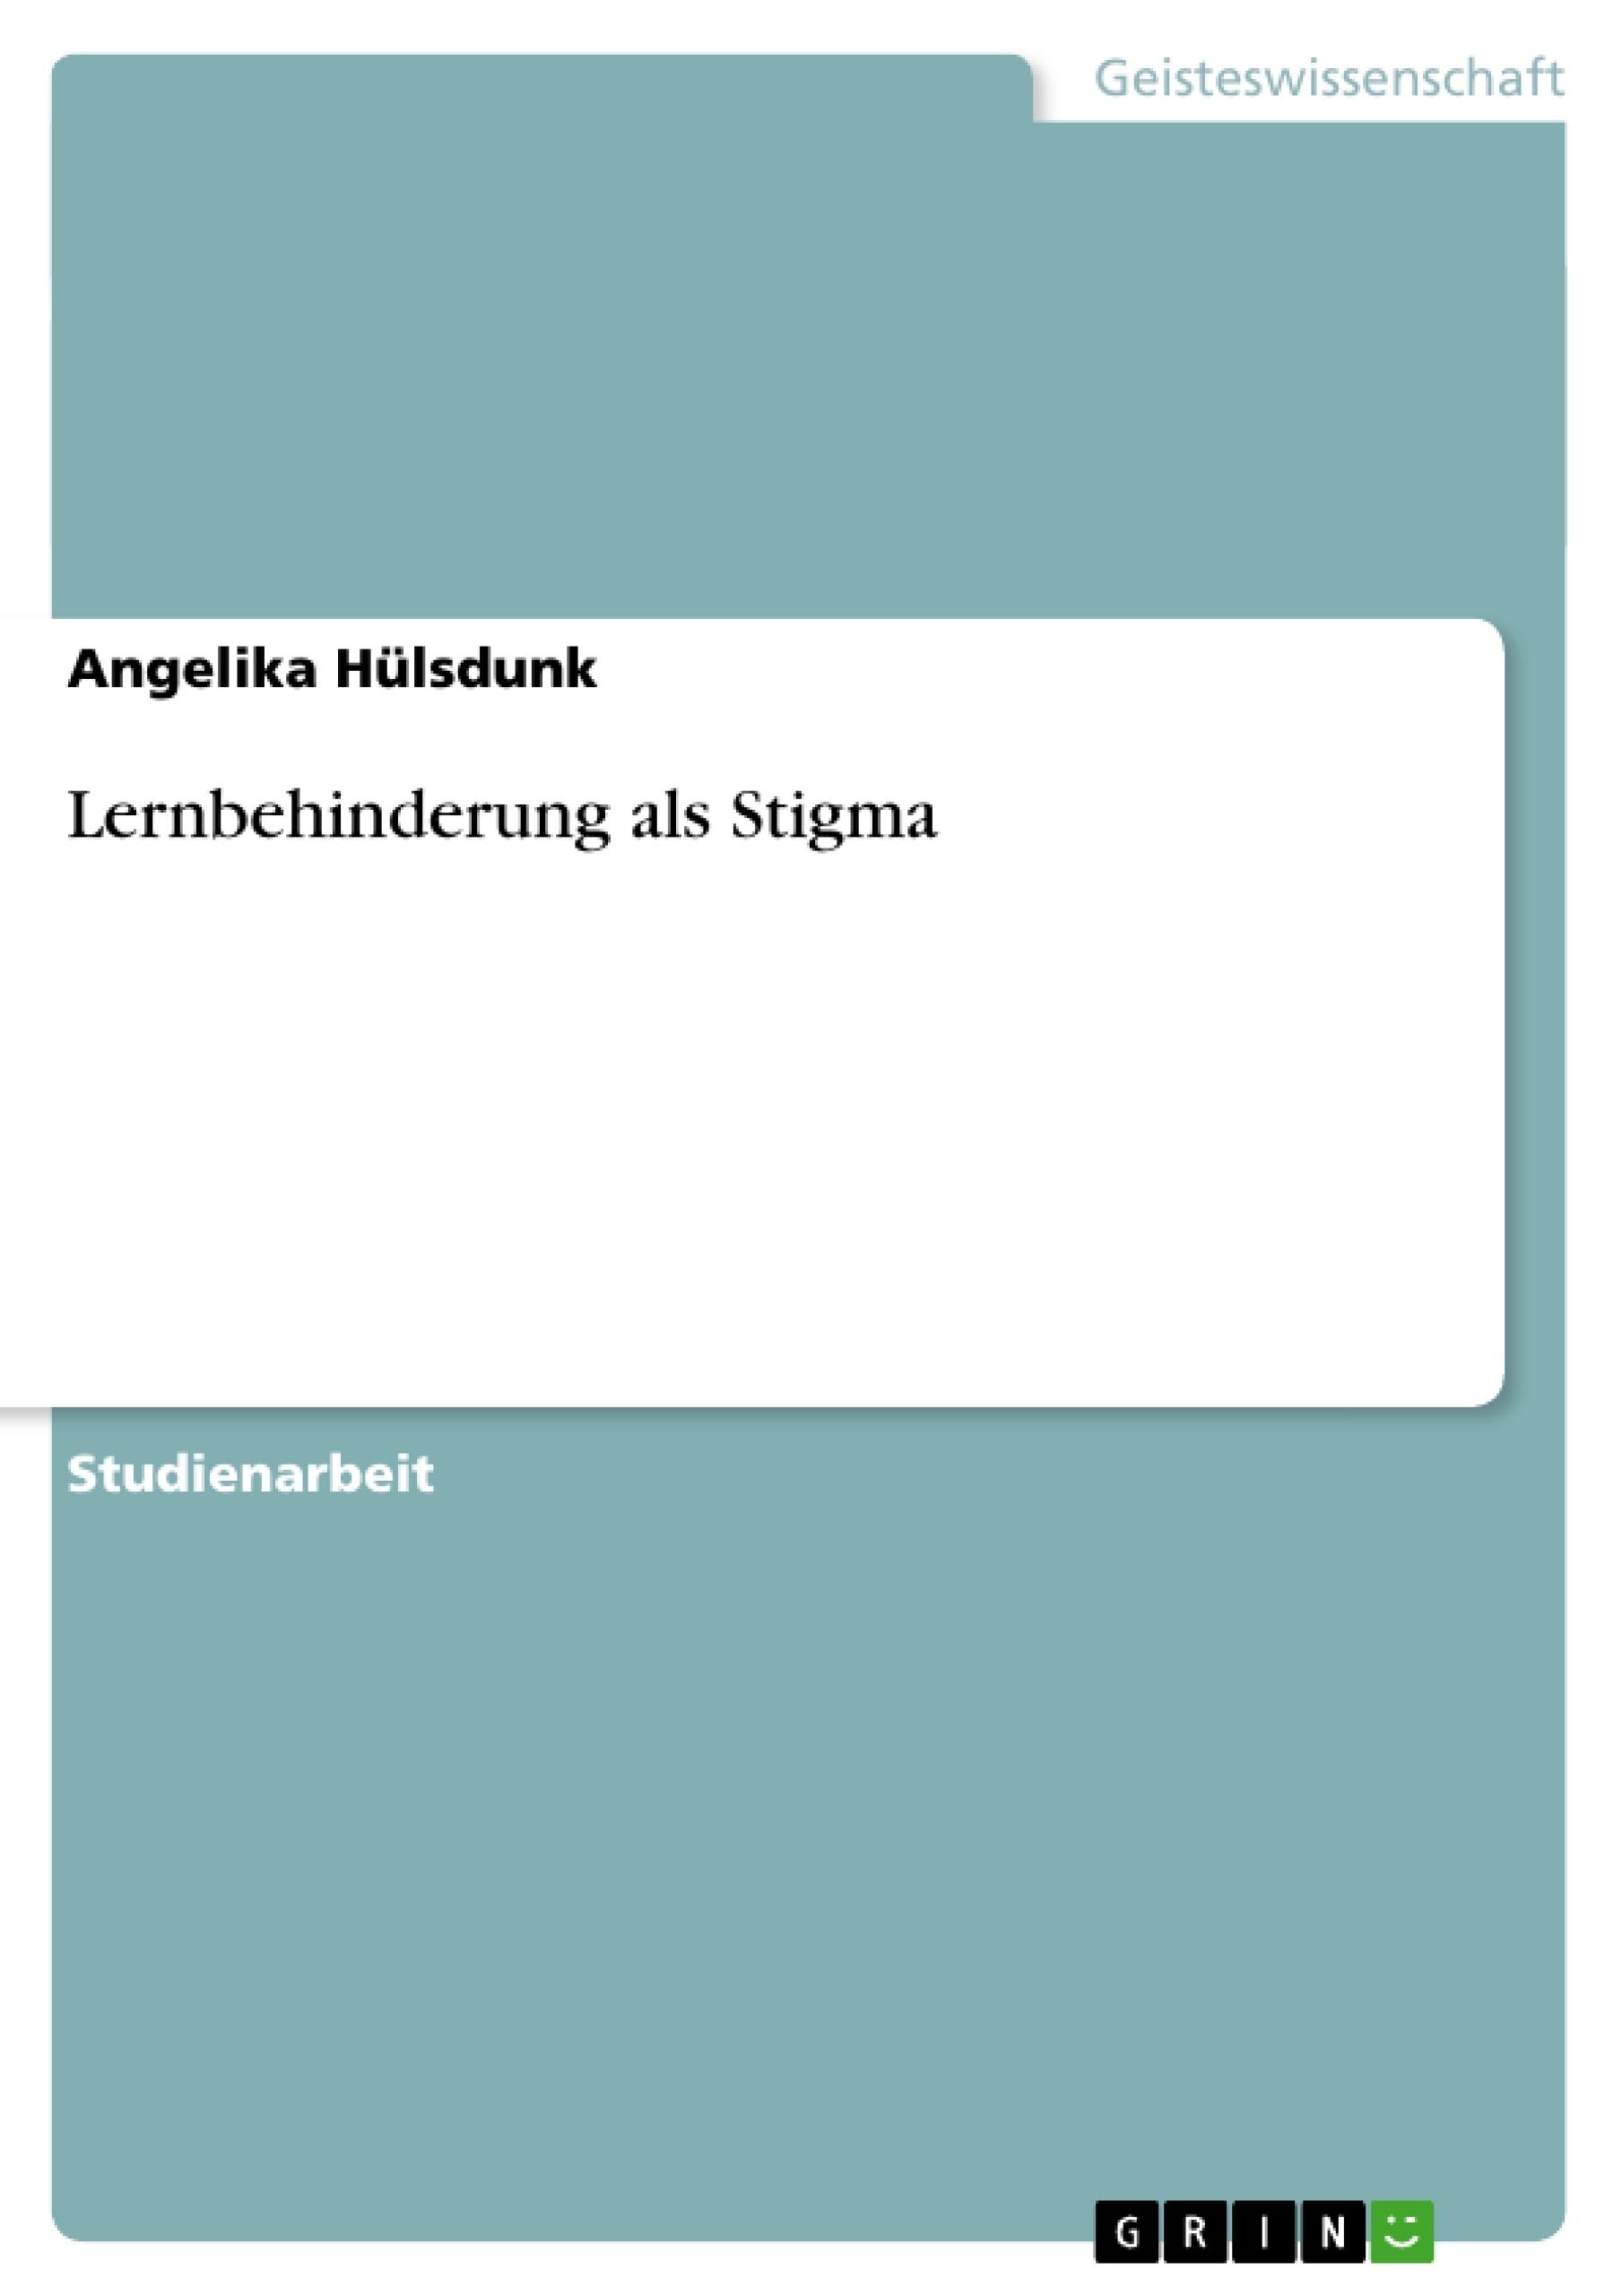 Titel: Lernbehinderung als Stigma